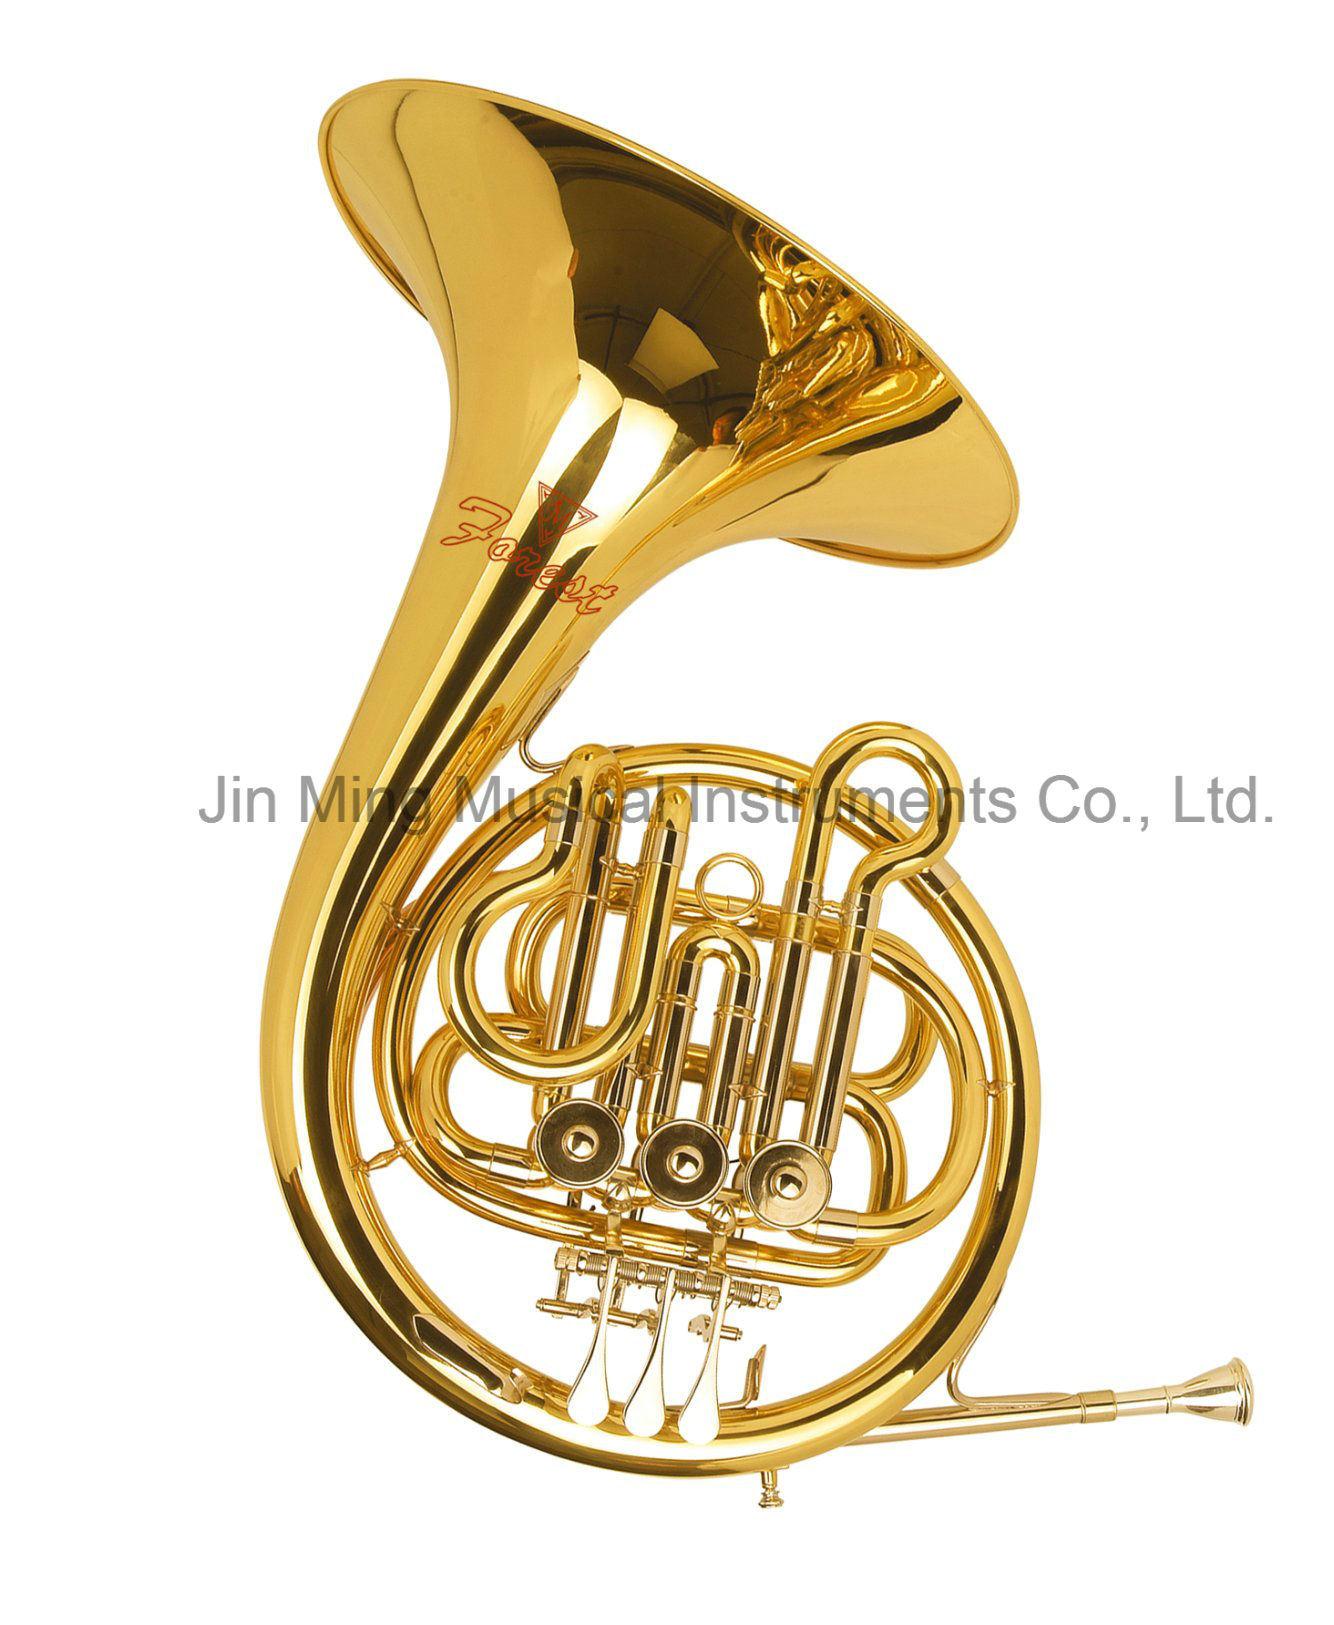 singles bb holstein neustadt in in single horn  Shop, Single French Horns. Shop, Single French Horns.